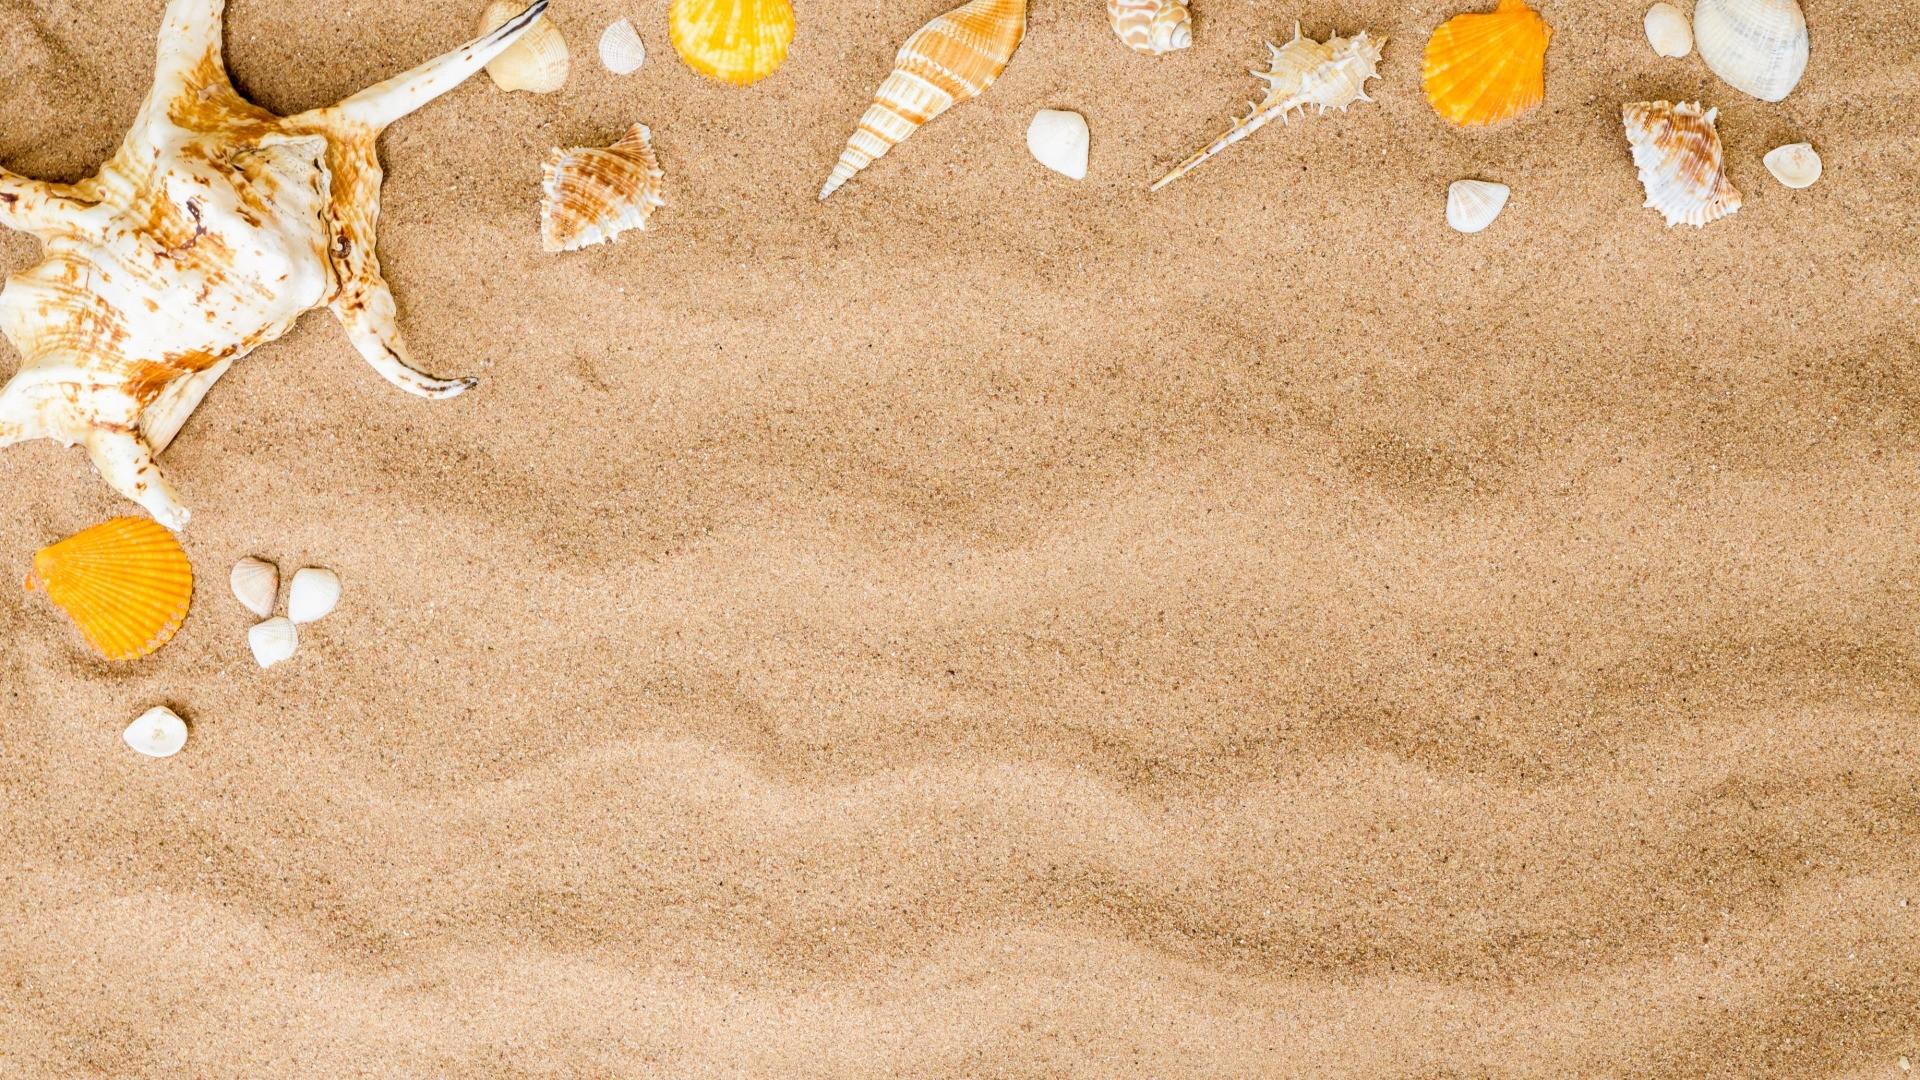 Sand computer wallpaper